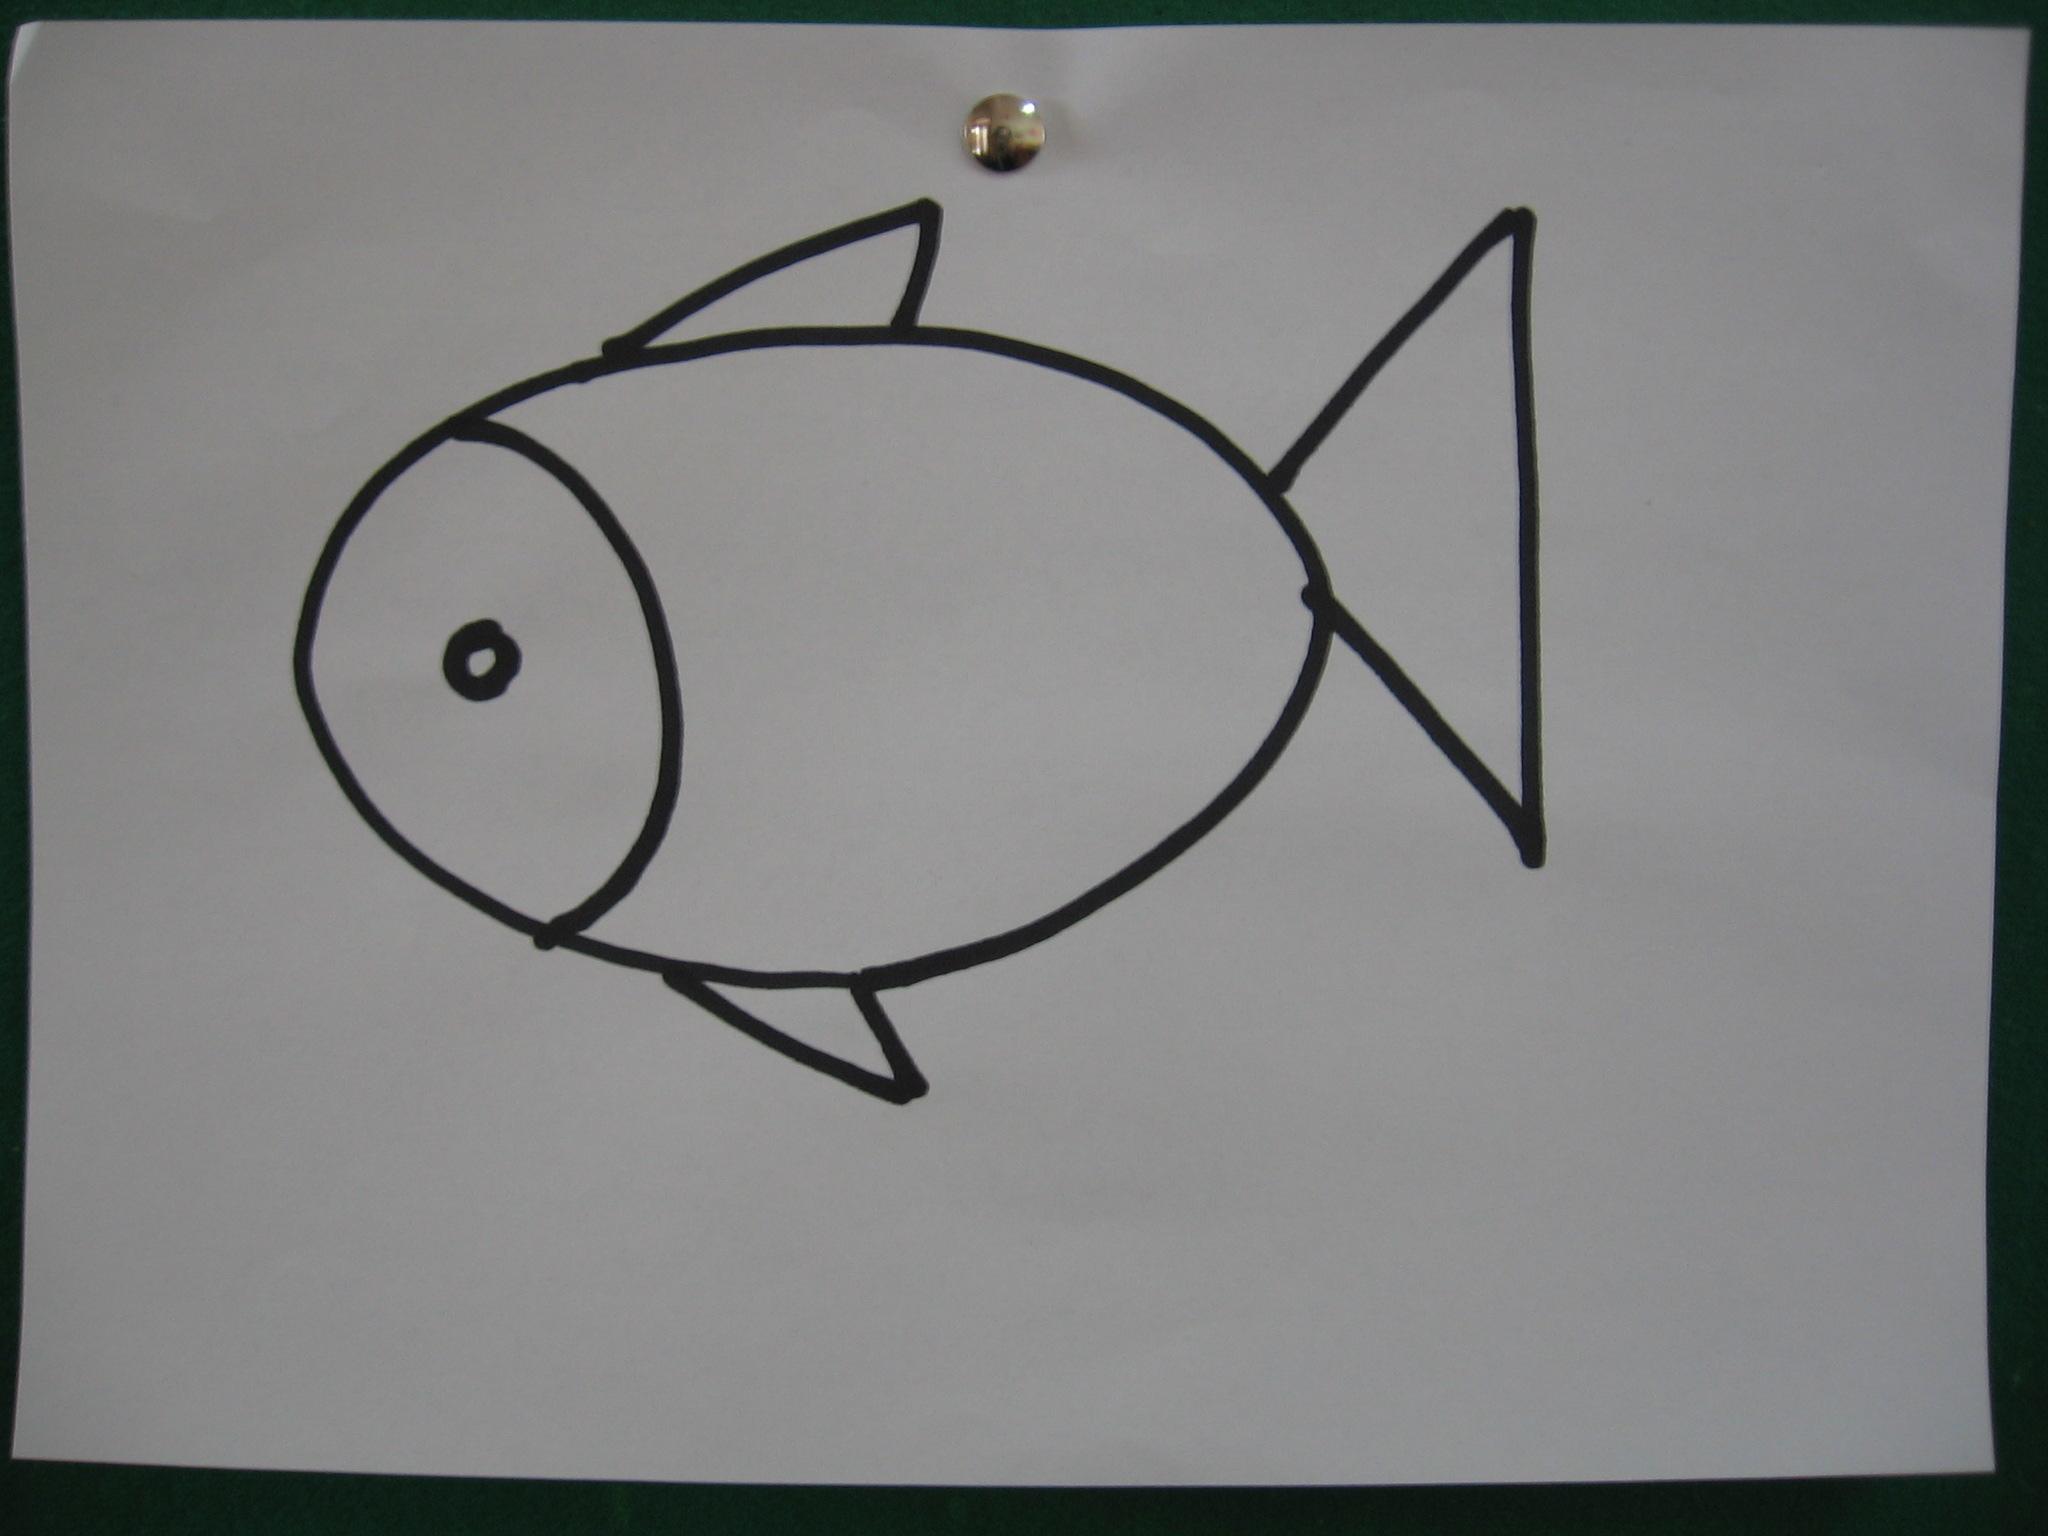 园所主页 班级主页 大1班1003 教学动态 作品范例: 绘画难点: 小鱼的